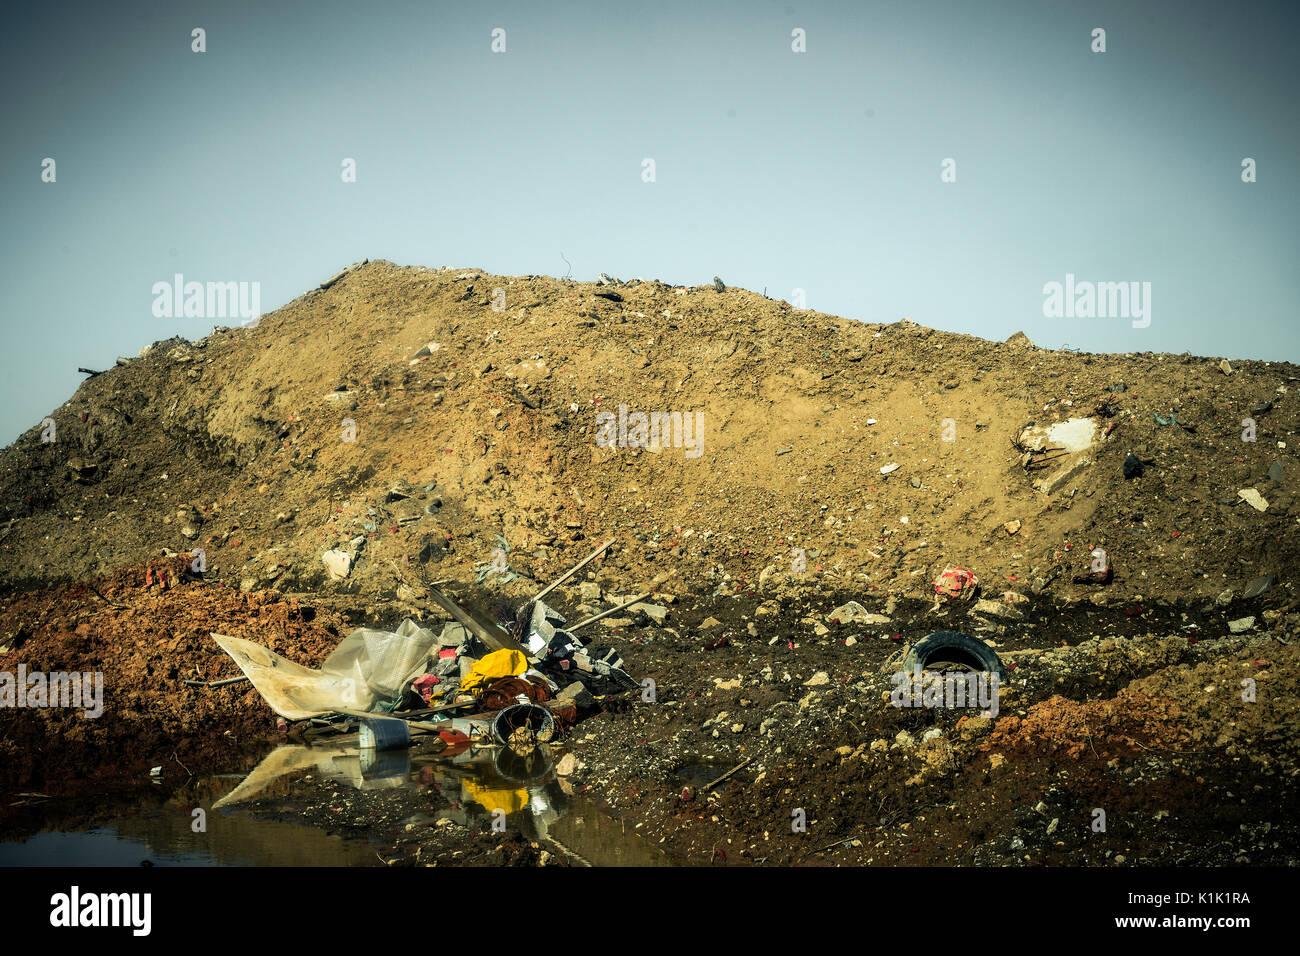 illegal dump - Stock Image